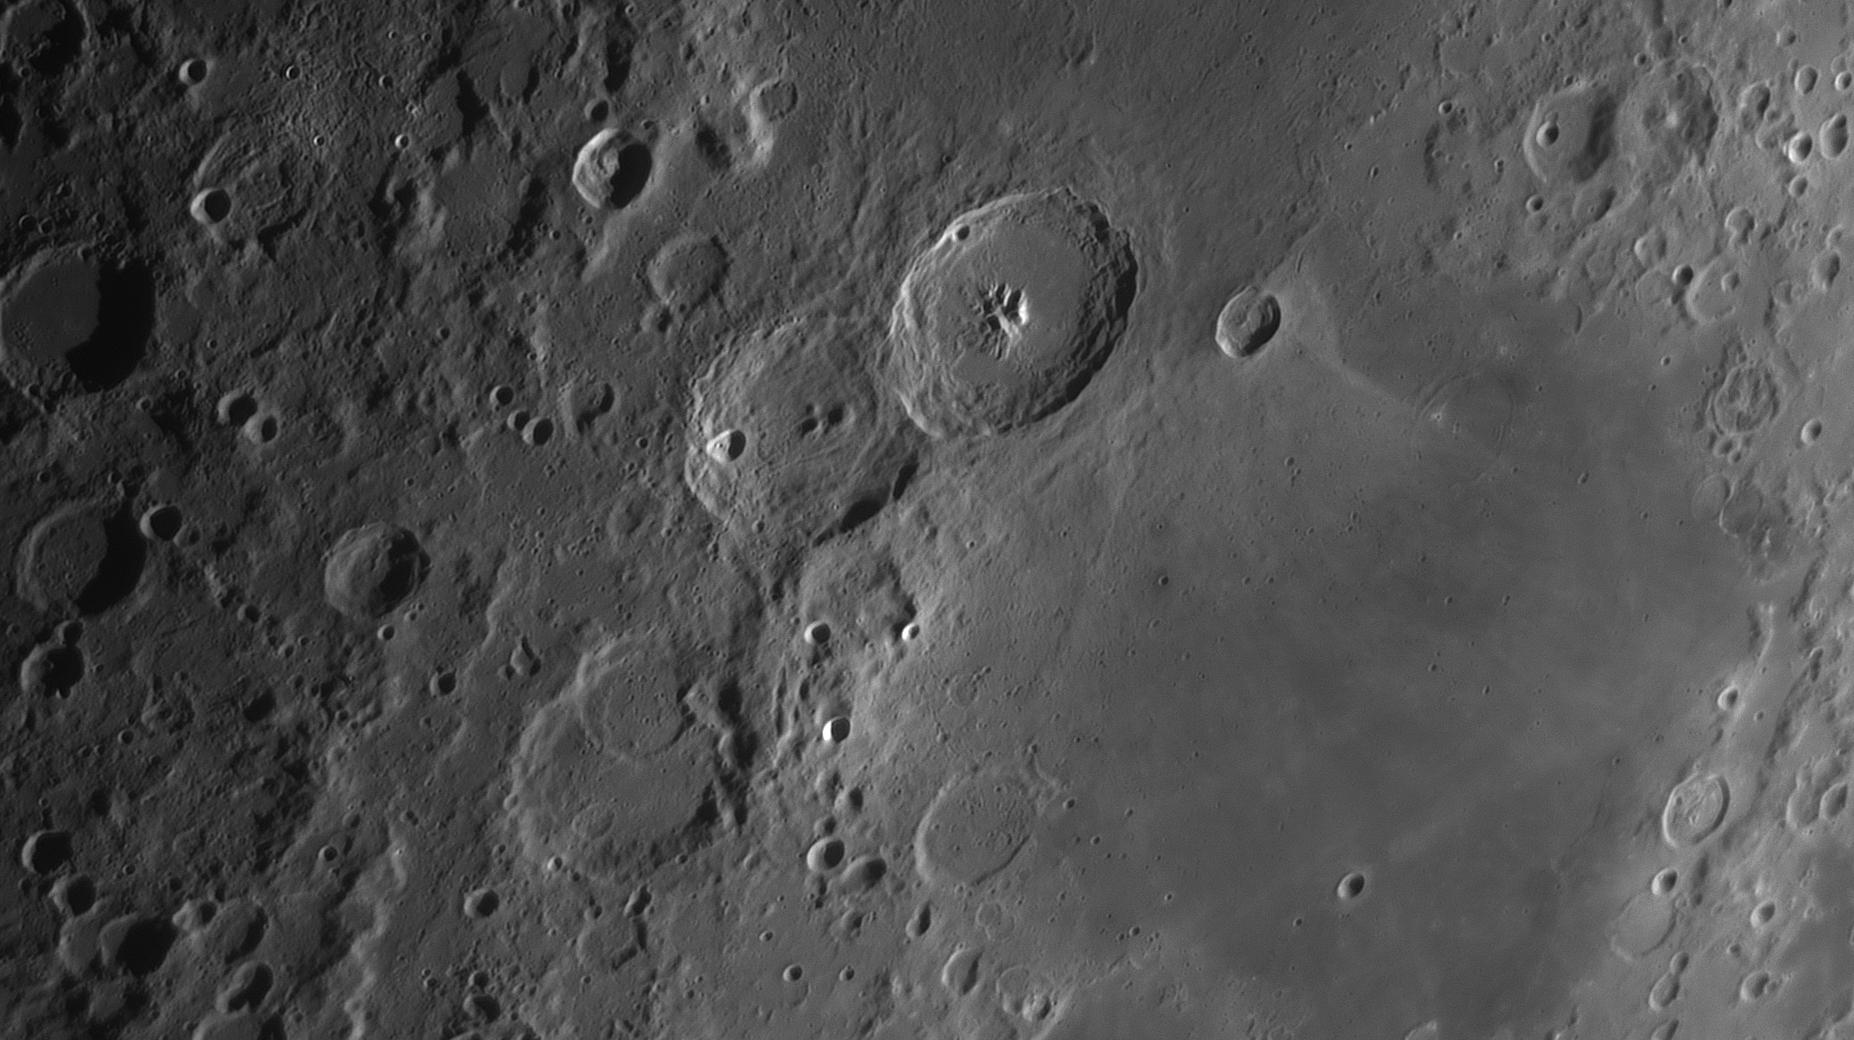 Mond_2020.03.01.jpg